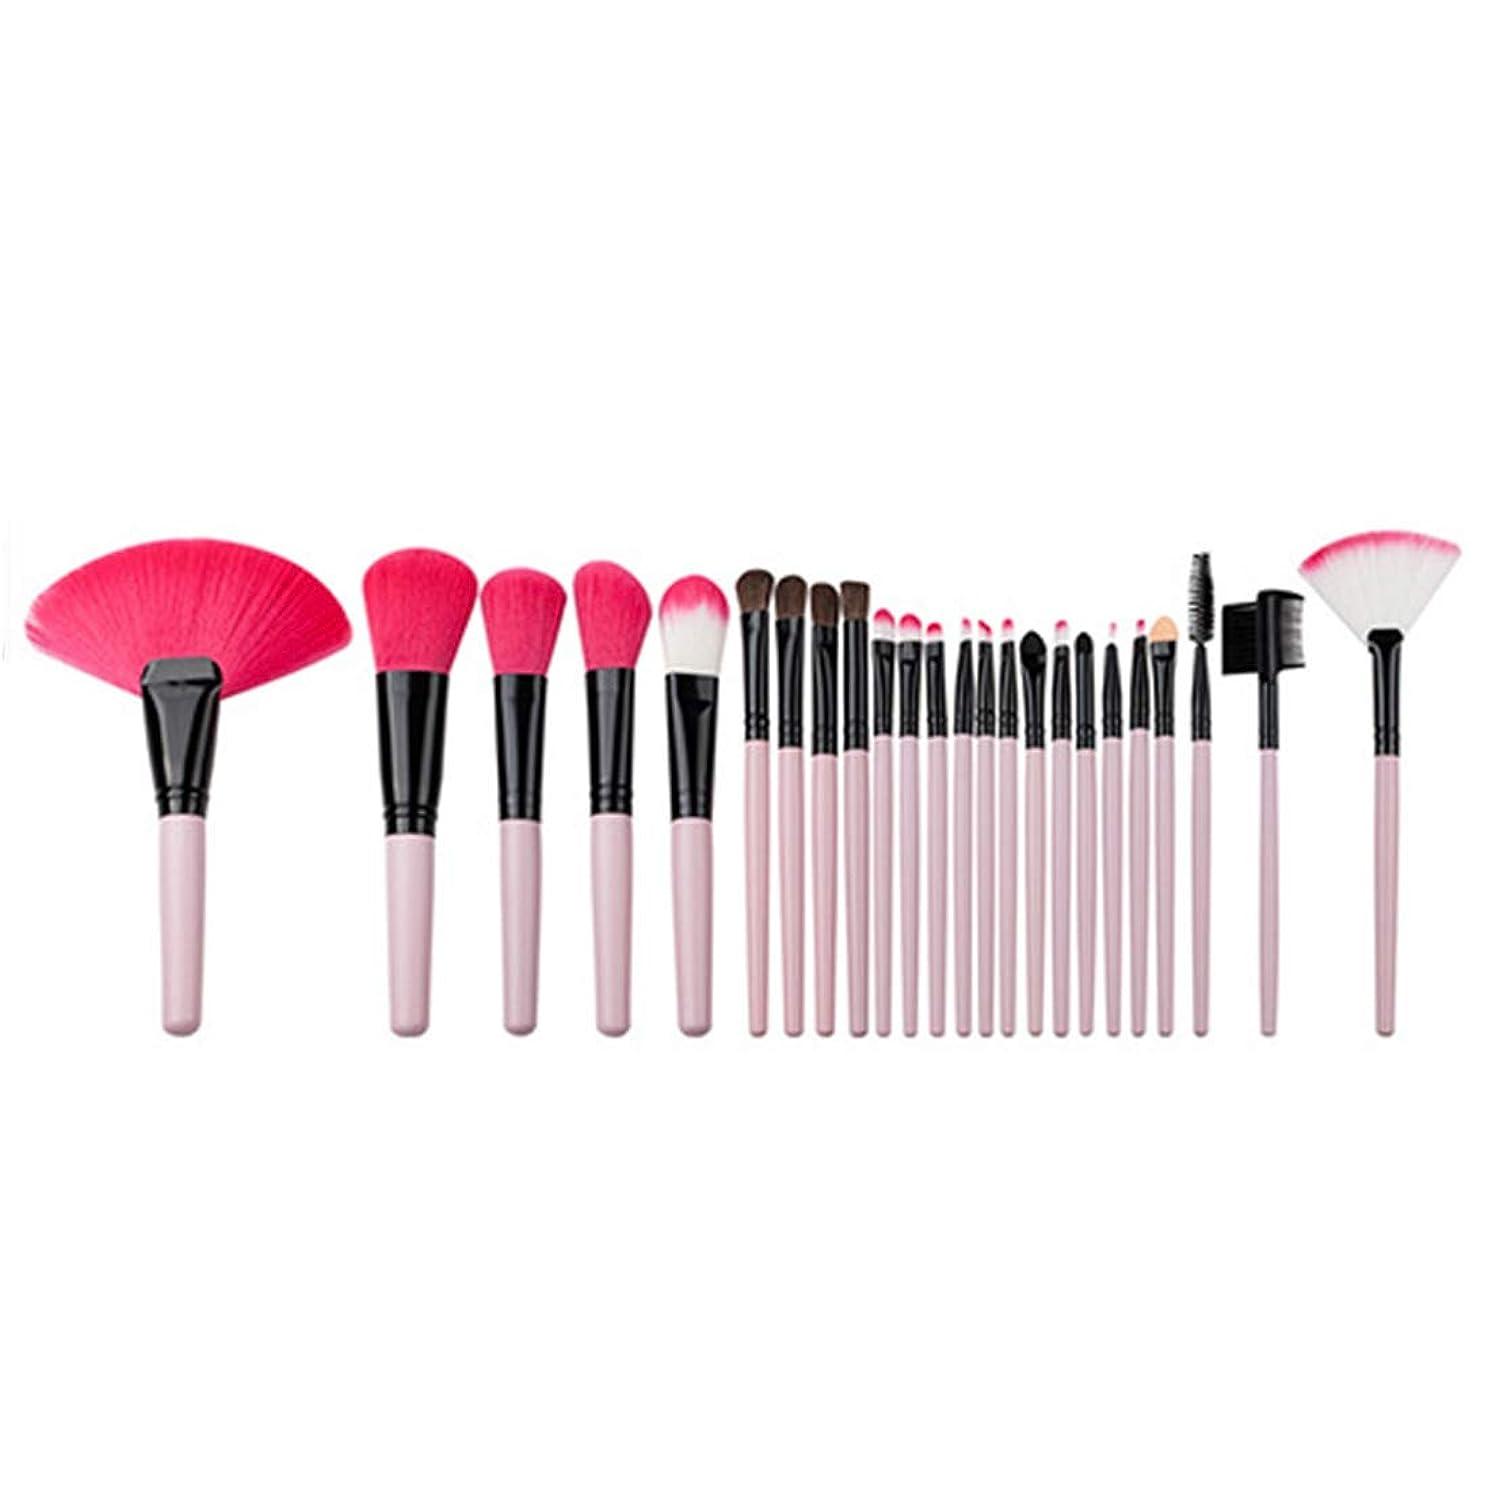 頼る定期的な平和なKeriya Sende 1の化粧ブラシセットの洗面用品のキットのナイロン化粧品のアイシャドーブラシ用具24 (色 : ピンク)